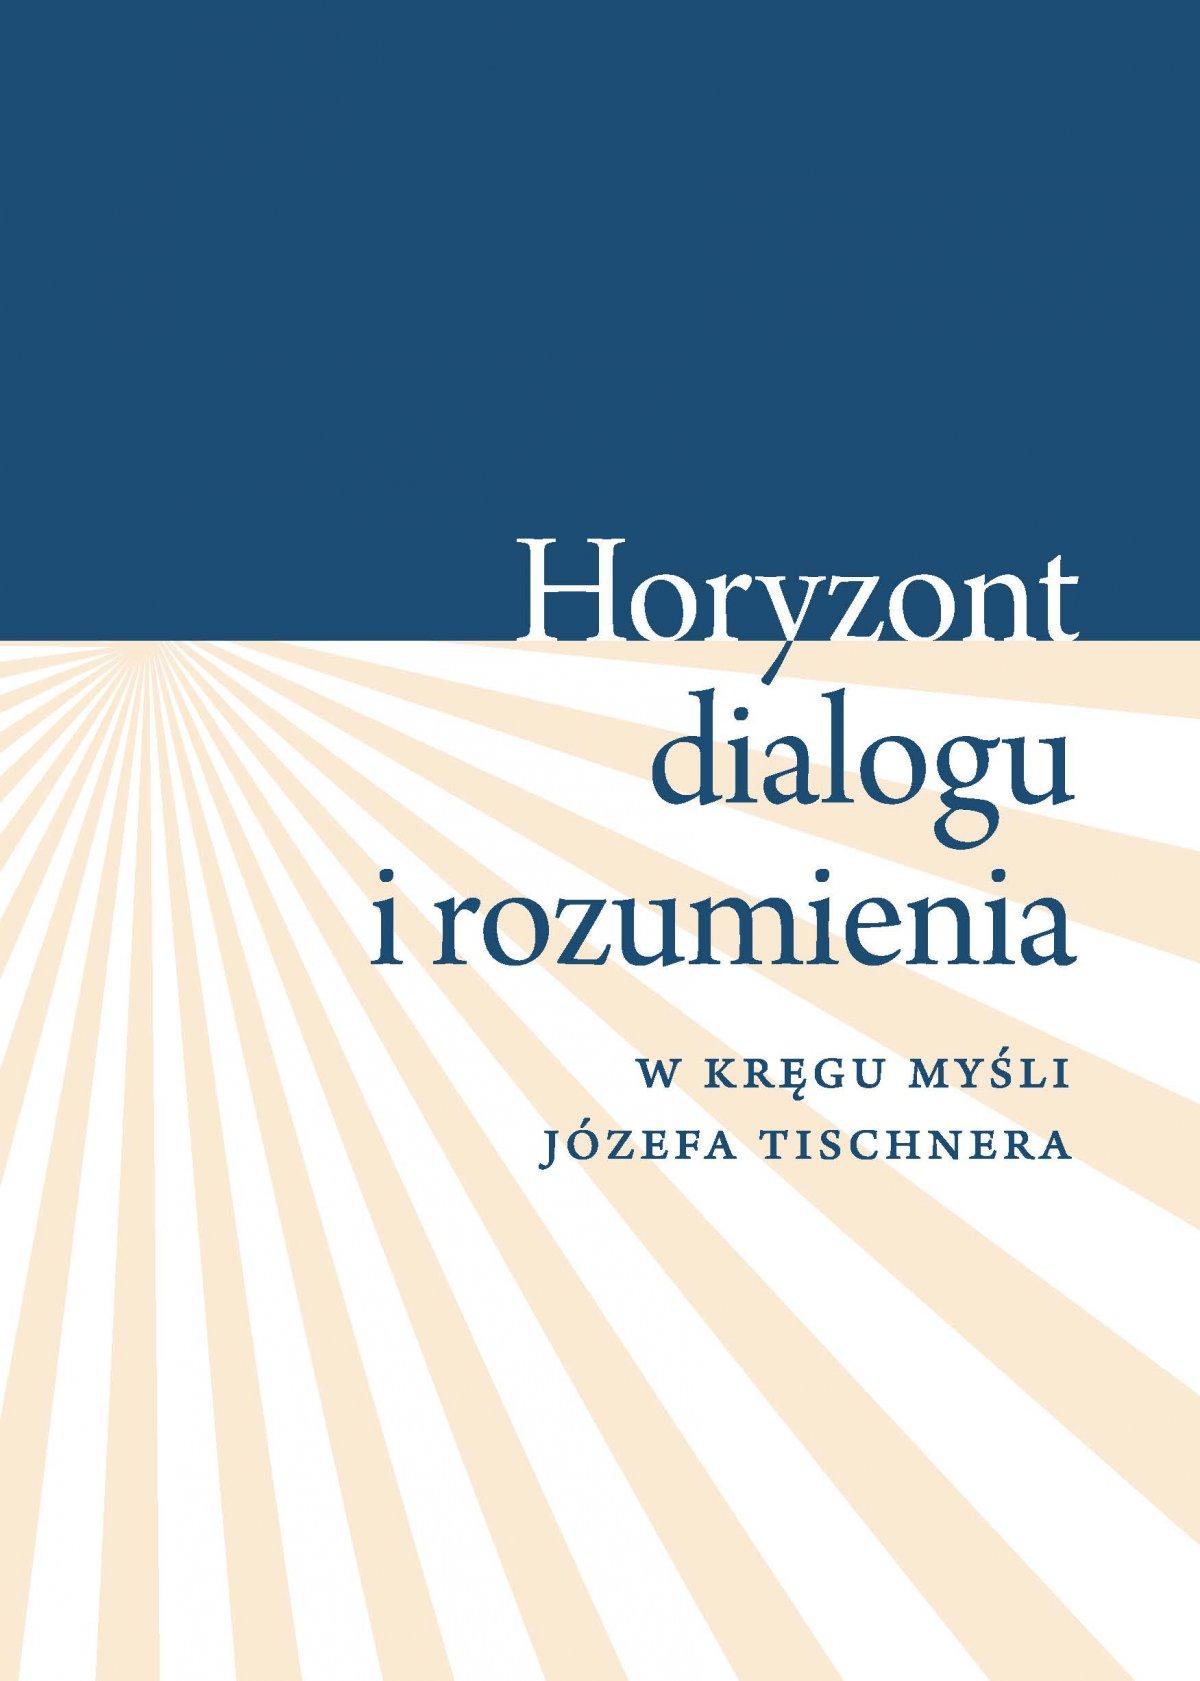 """""""Horyzont dialogu i rozumienia"""". W kręgu myśli Józefa Tischnera - Ebook (Książka PDF) do pobrania w formacie PDF"""